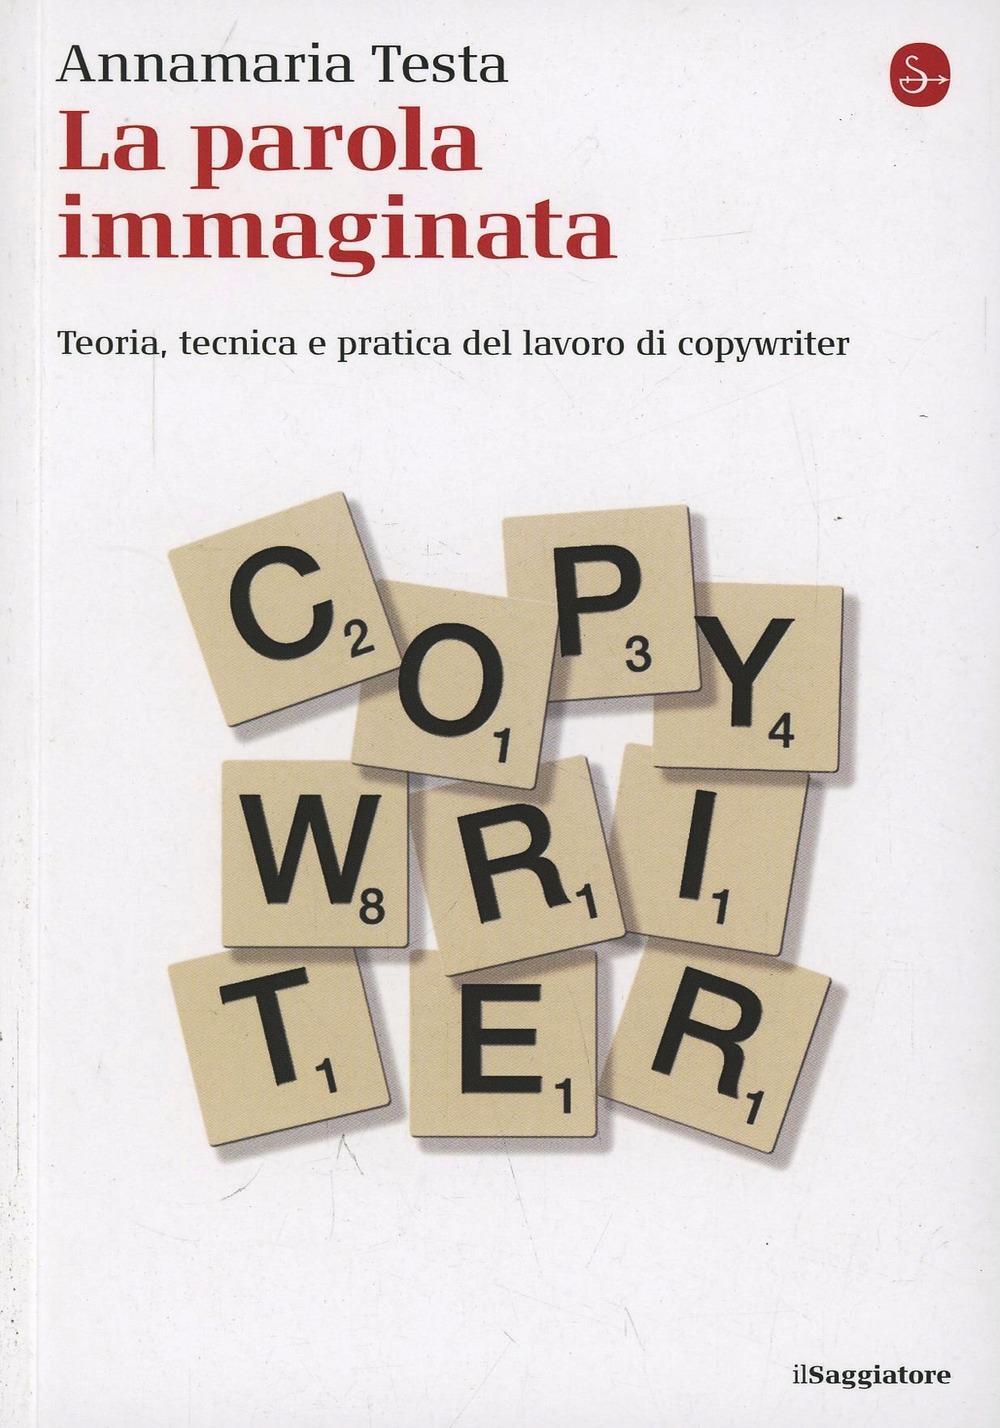 Libri sul Copywriting_La parola immaginata